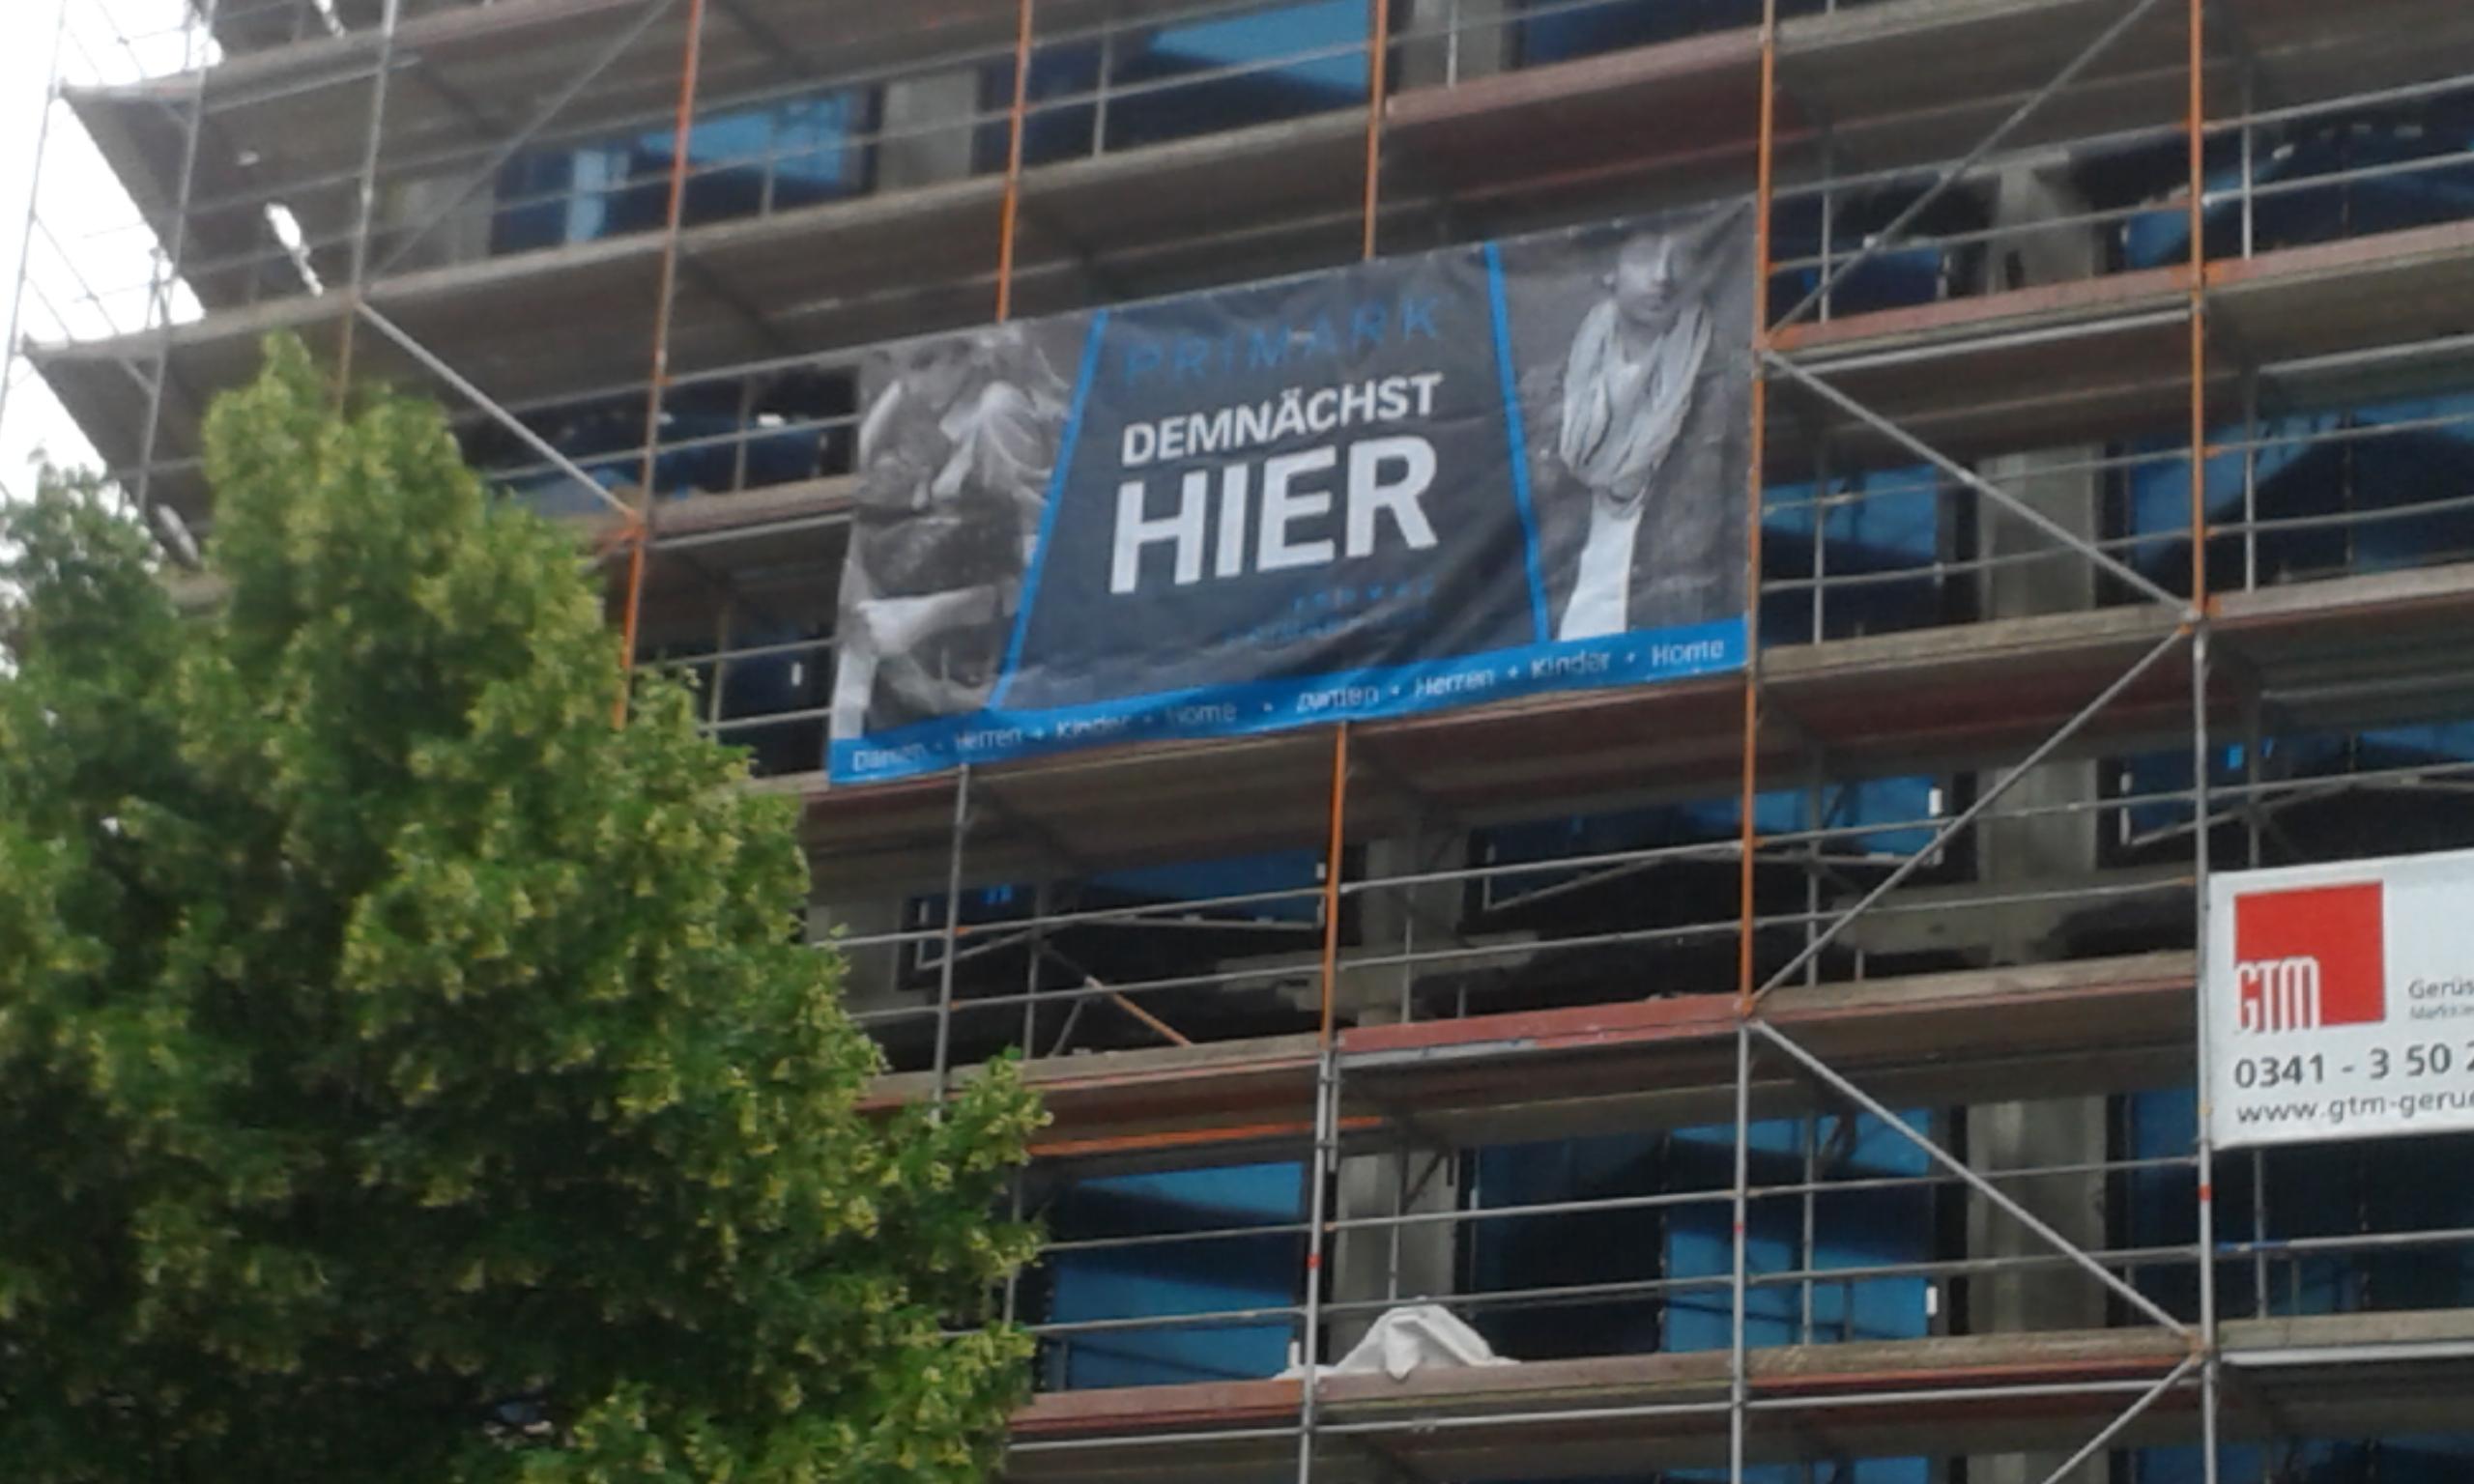 Leipzig Primark: Demnächst auf der Hainspitze